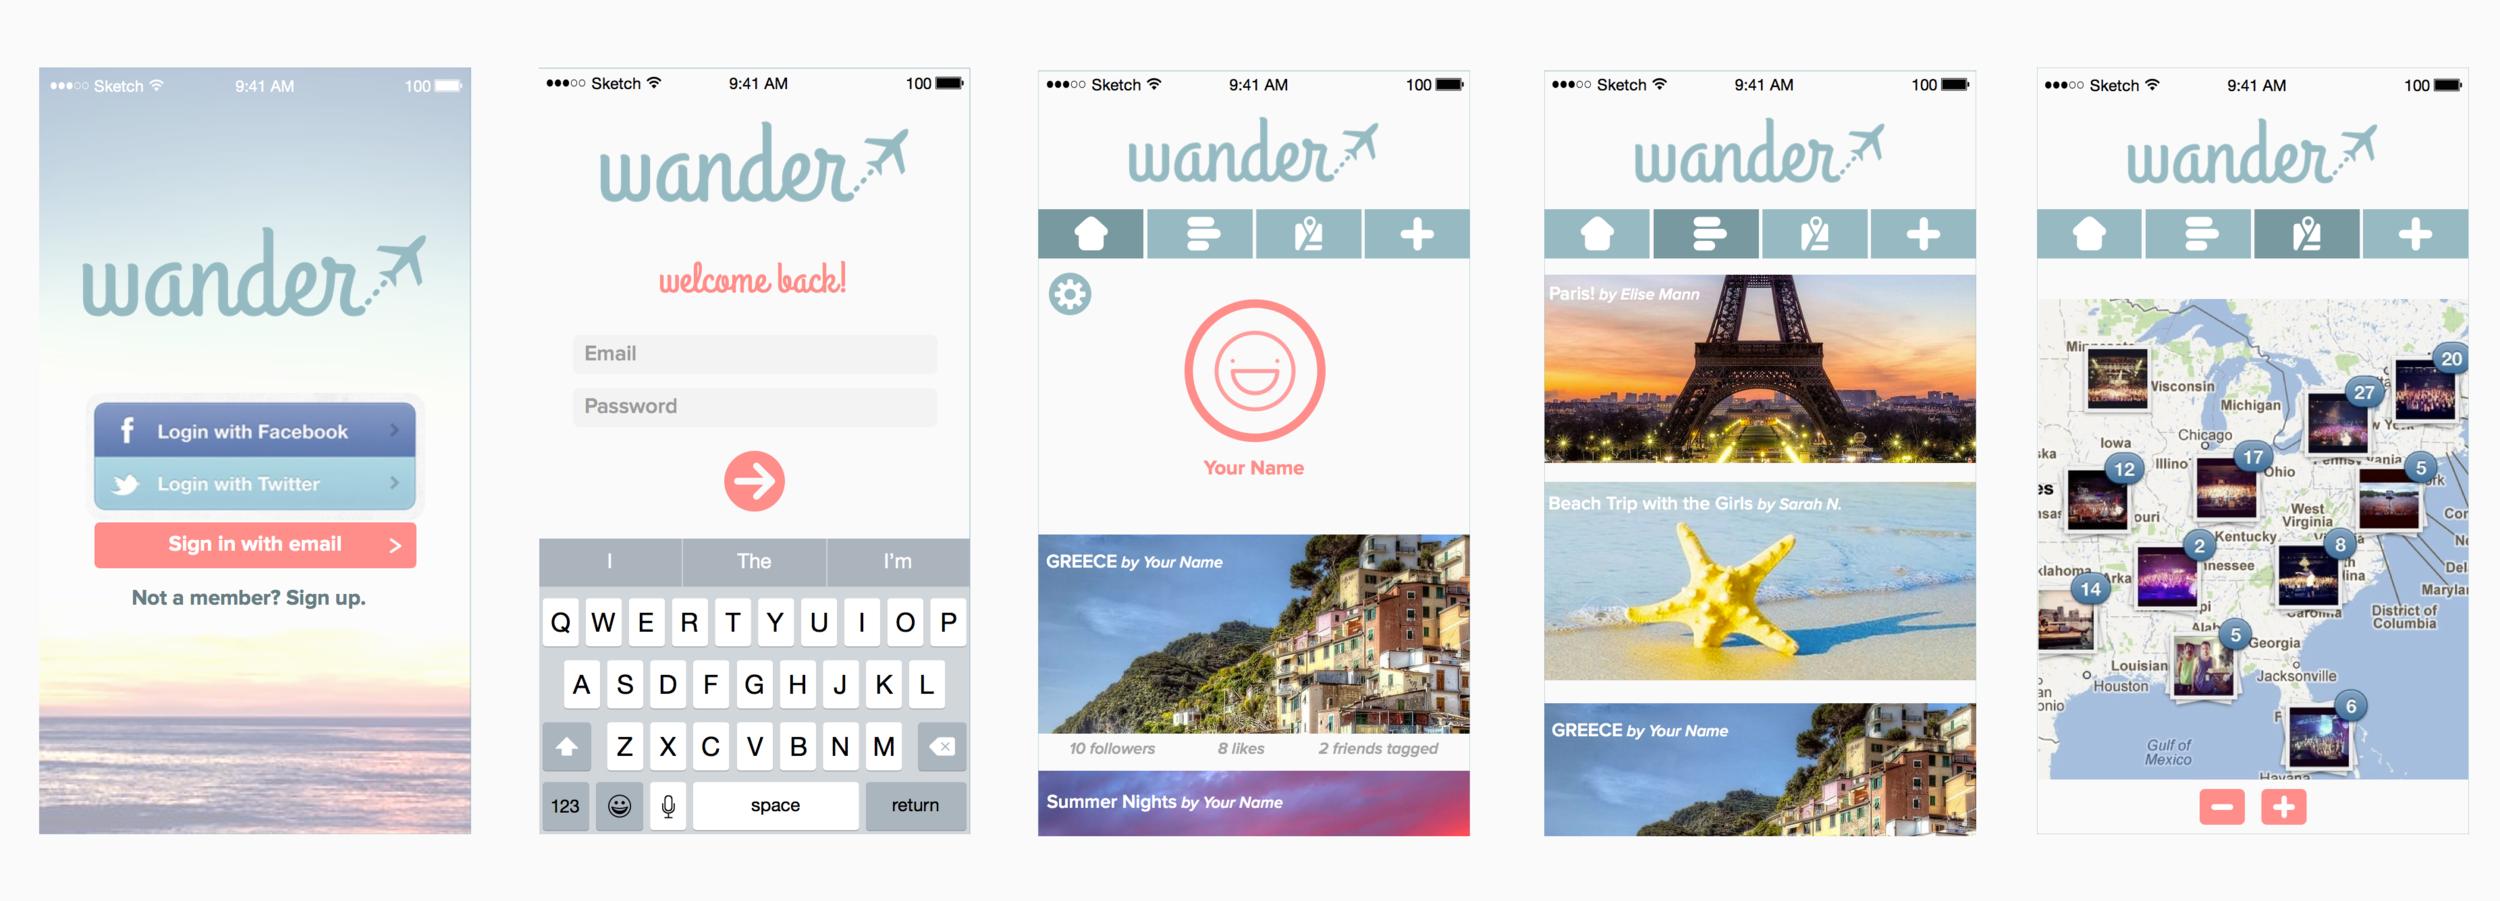 wander_main_user.png